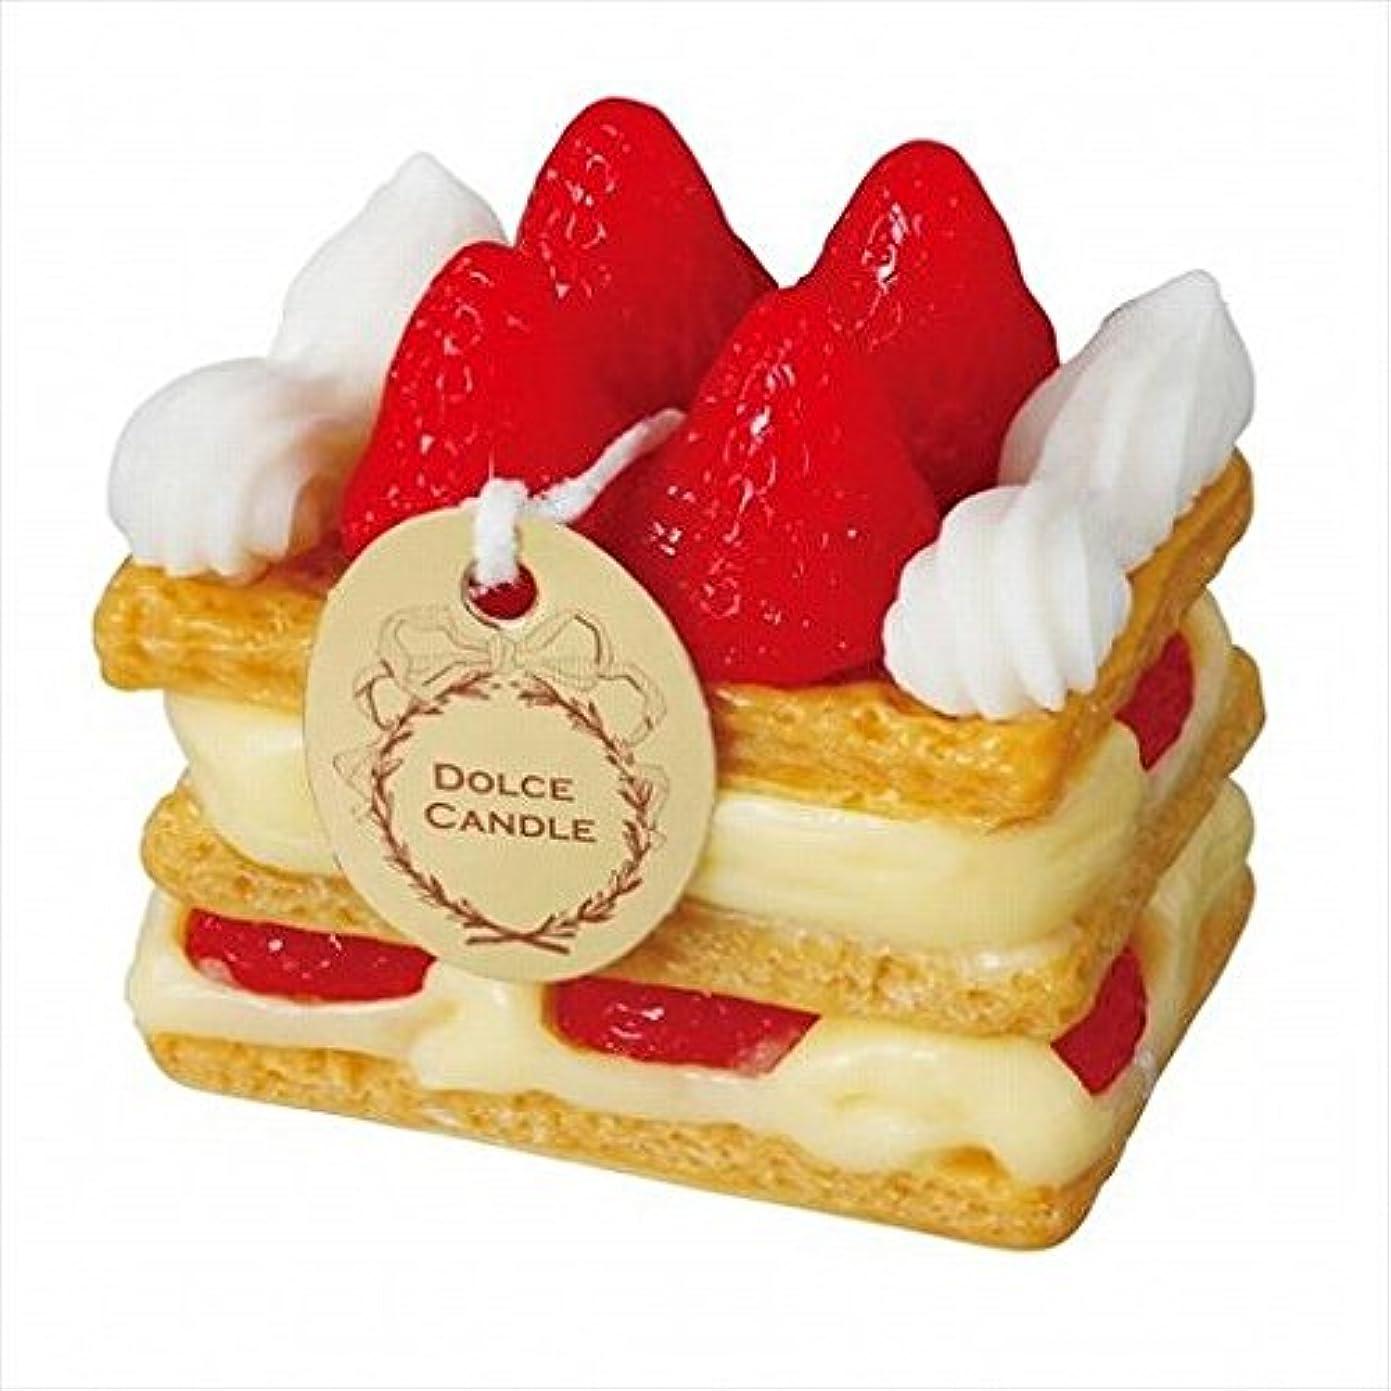 パターンいらいらさせる病気sweets candle(スイーツキャンドル) ドルチェキャンドル 「 ミルフィーユ 」 キャンドル 60x40x60mm (A4340510)